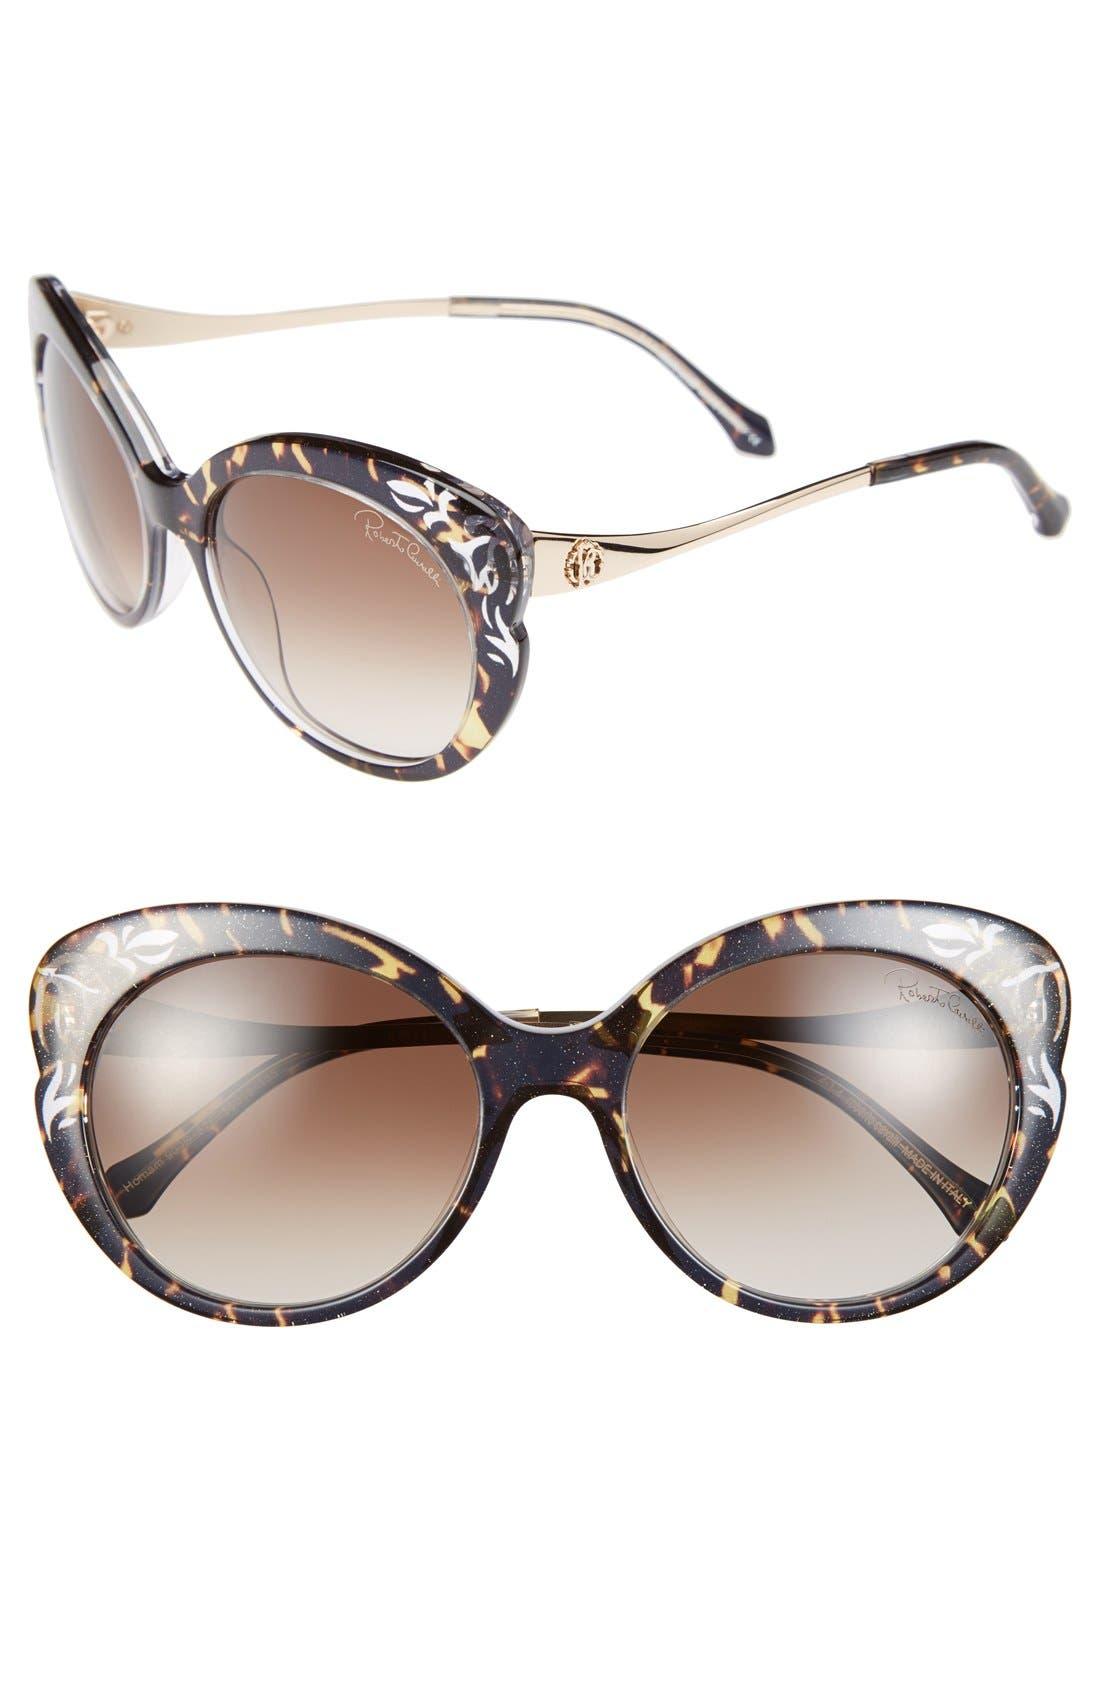 Main Image - Roberto Cavalli 'Homam' 55mm Sunglasses